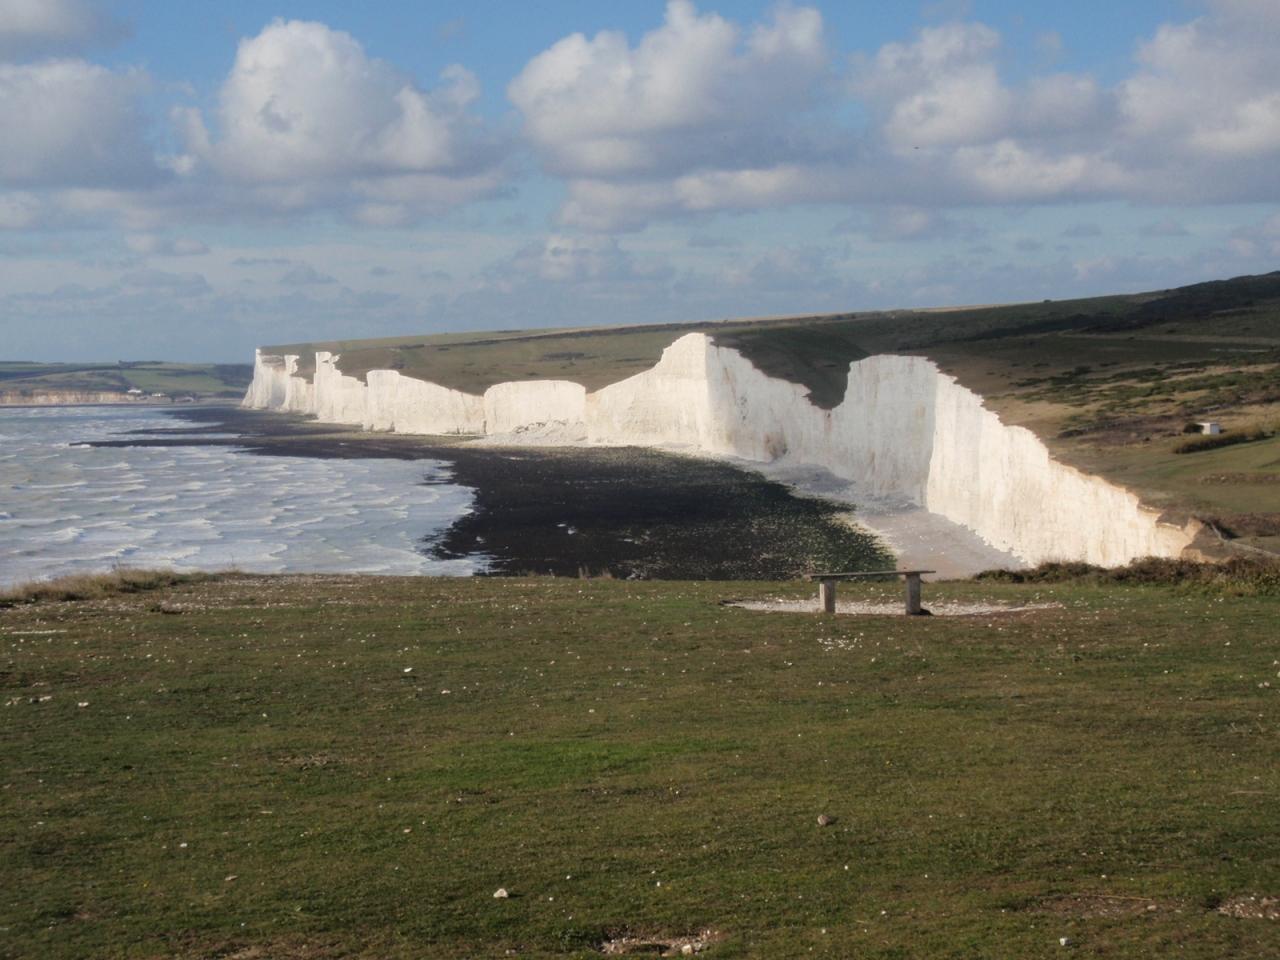 イギリス海峡に面した小さな町、セブンシスターズと中世の雰囲気を残す ...